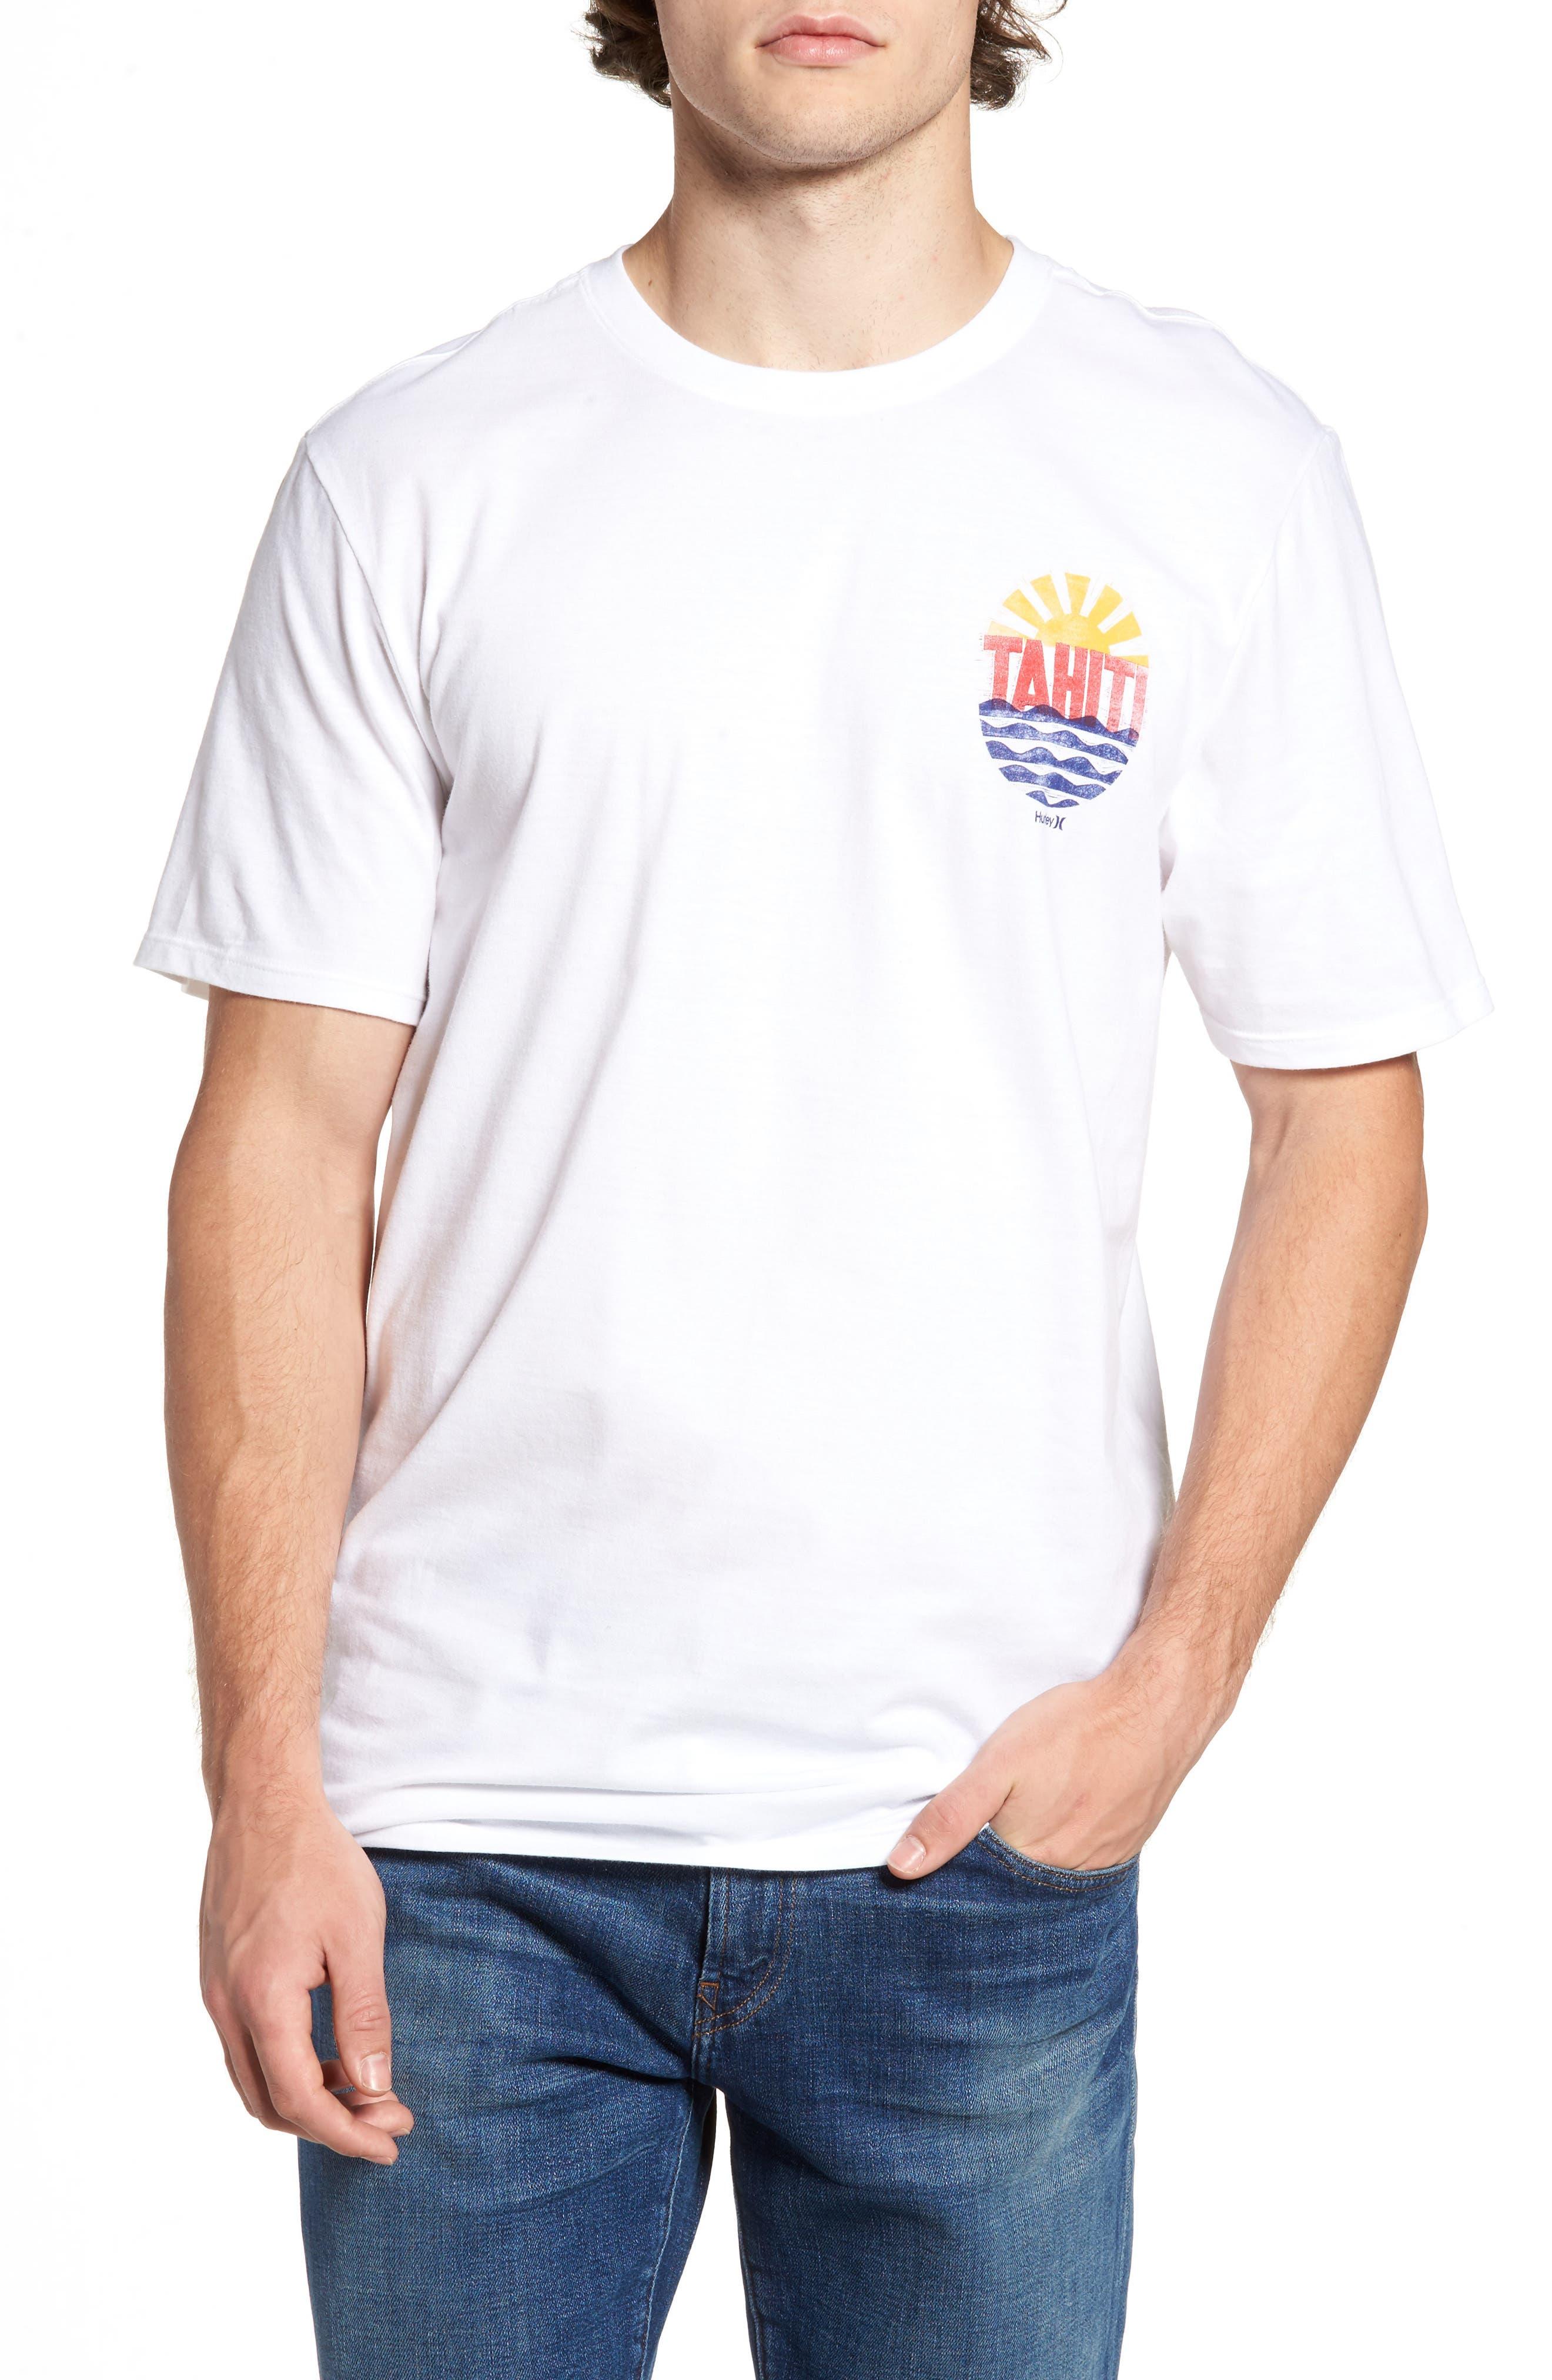 Hurley Tahiti Graphic T-Shirt